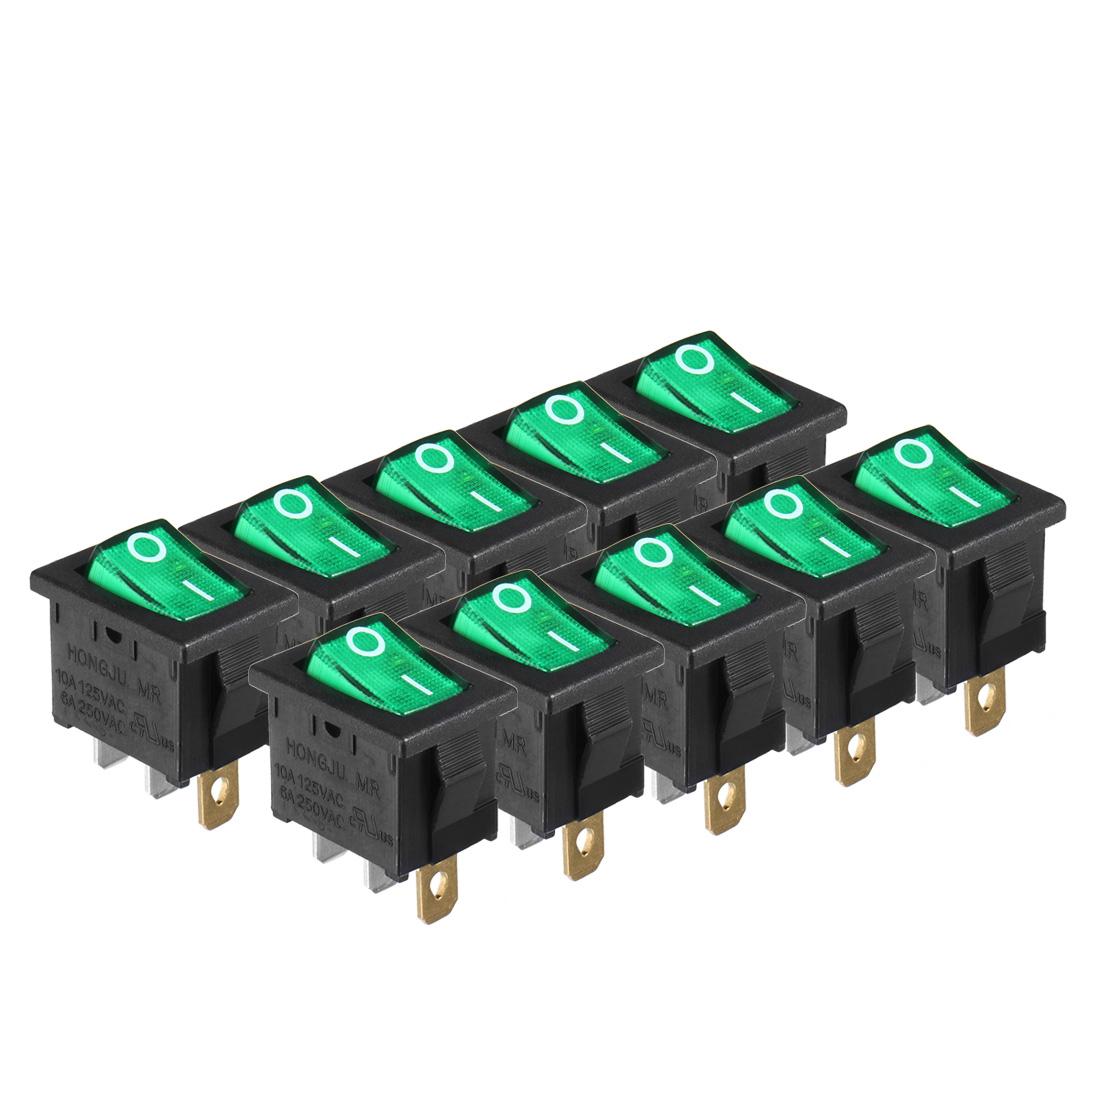 10Pcs AC 250V/6A 125V/10A ON/OFF 2P SPST Rocker Switch Latching